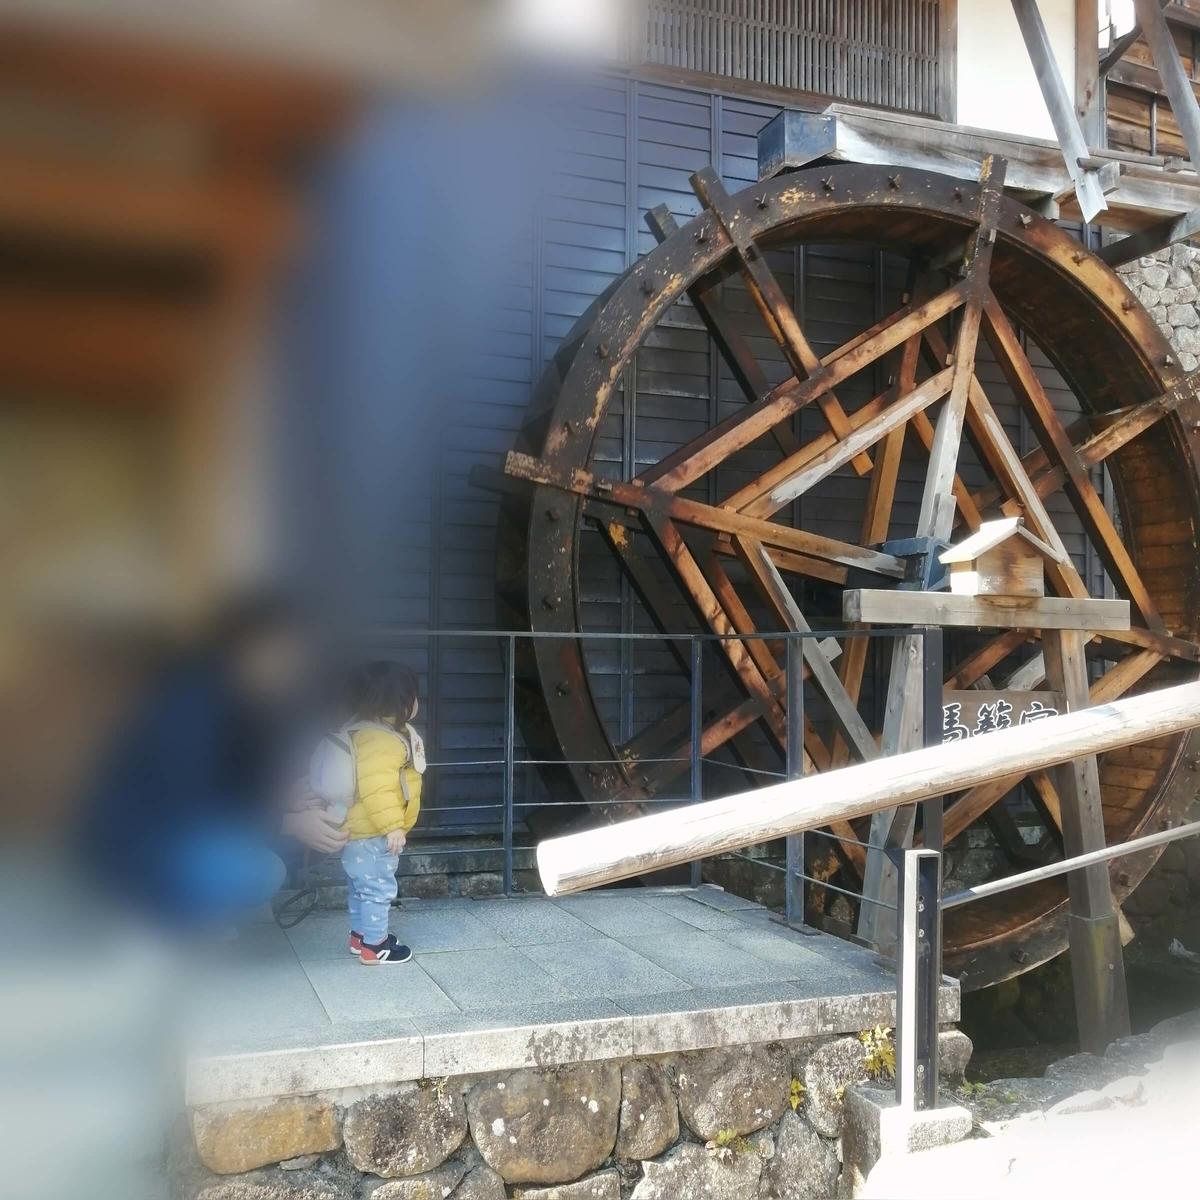 岐阜県内でペットと遊ぶ:岐阜県中津川市 馬籠宿 水車